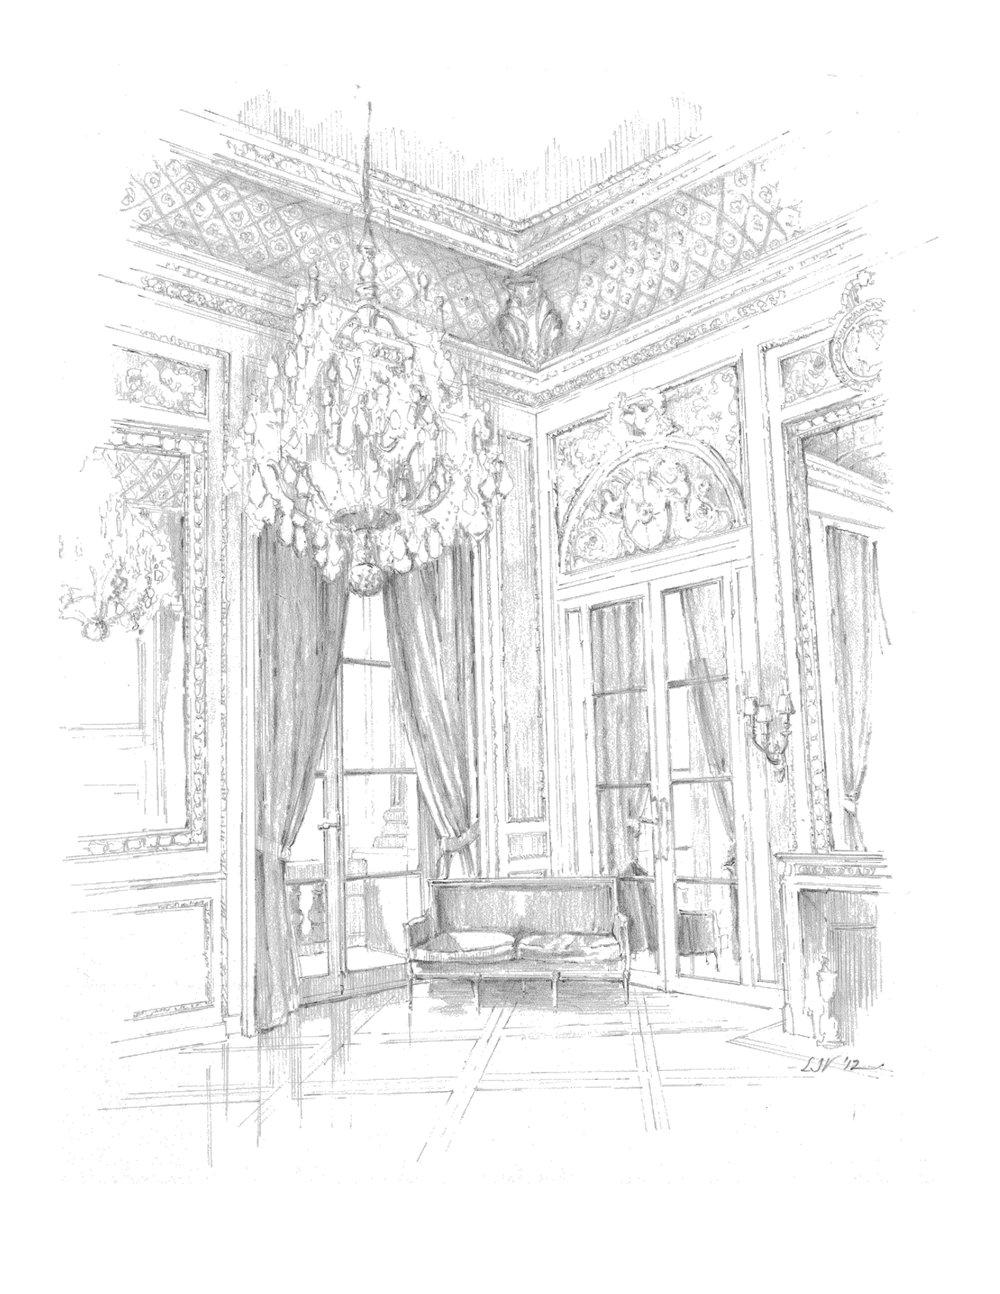 TheHôteldeCrillon, salon on the second floor